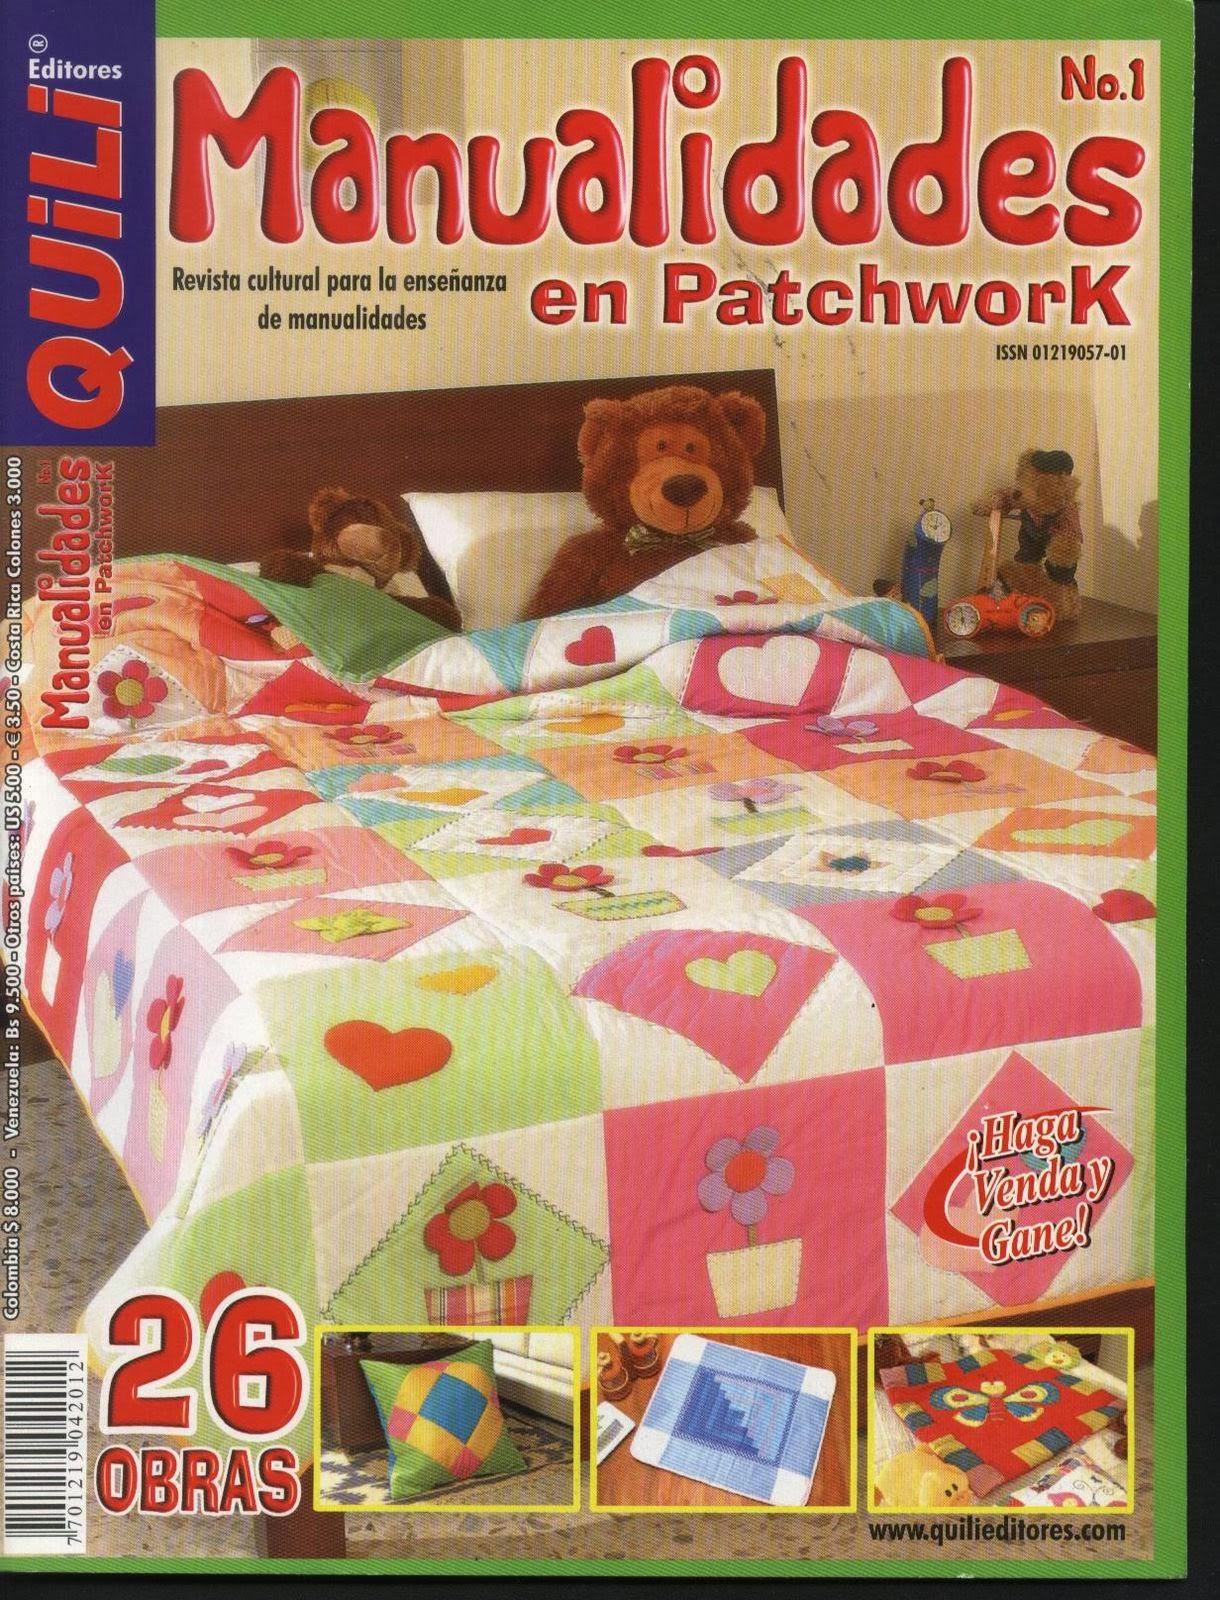 Revista de patchwork gratis revistas de manualidades gratis for Revistas de decoracion gratis